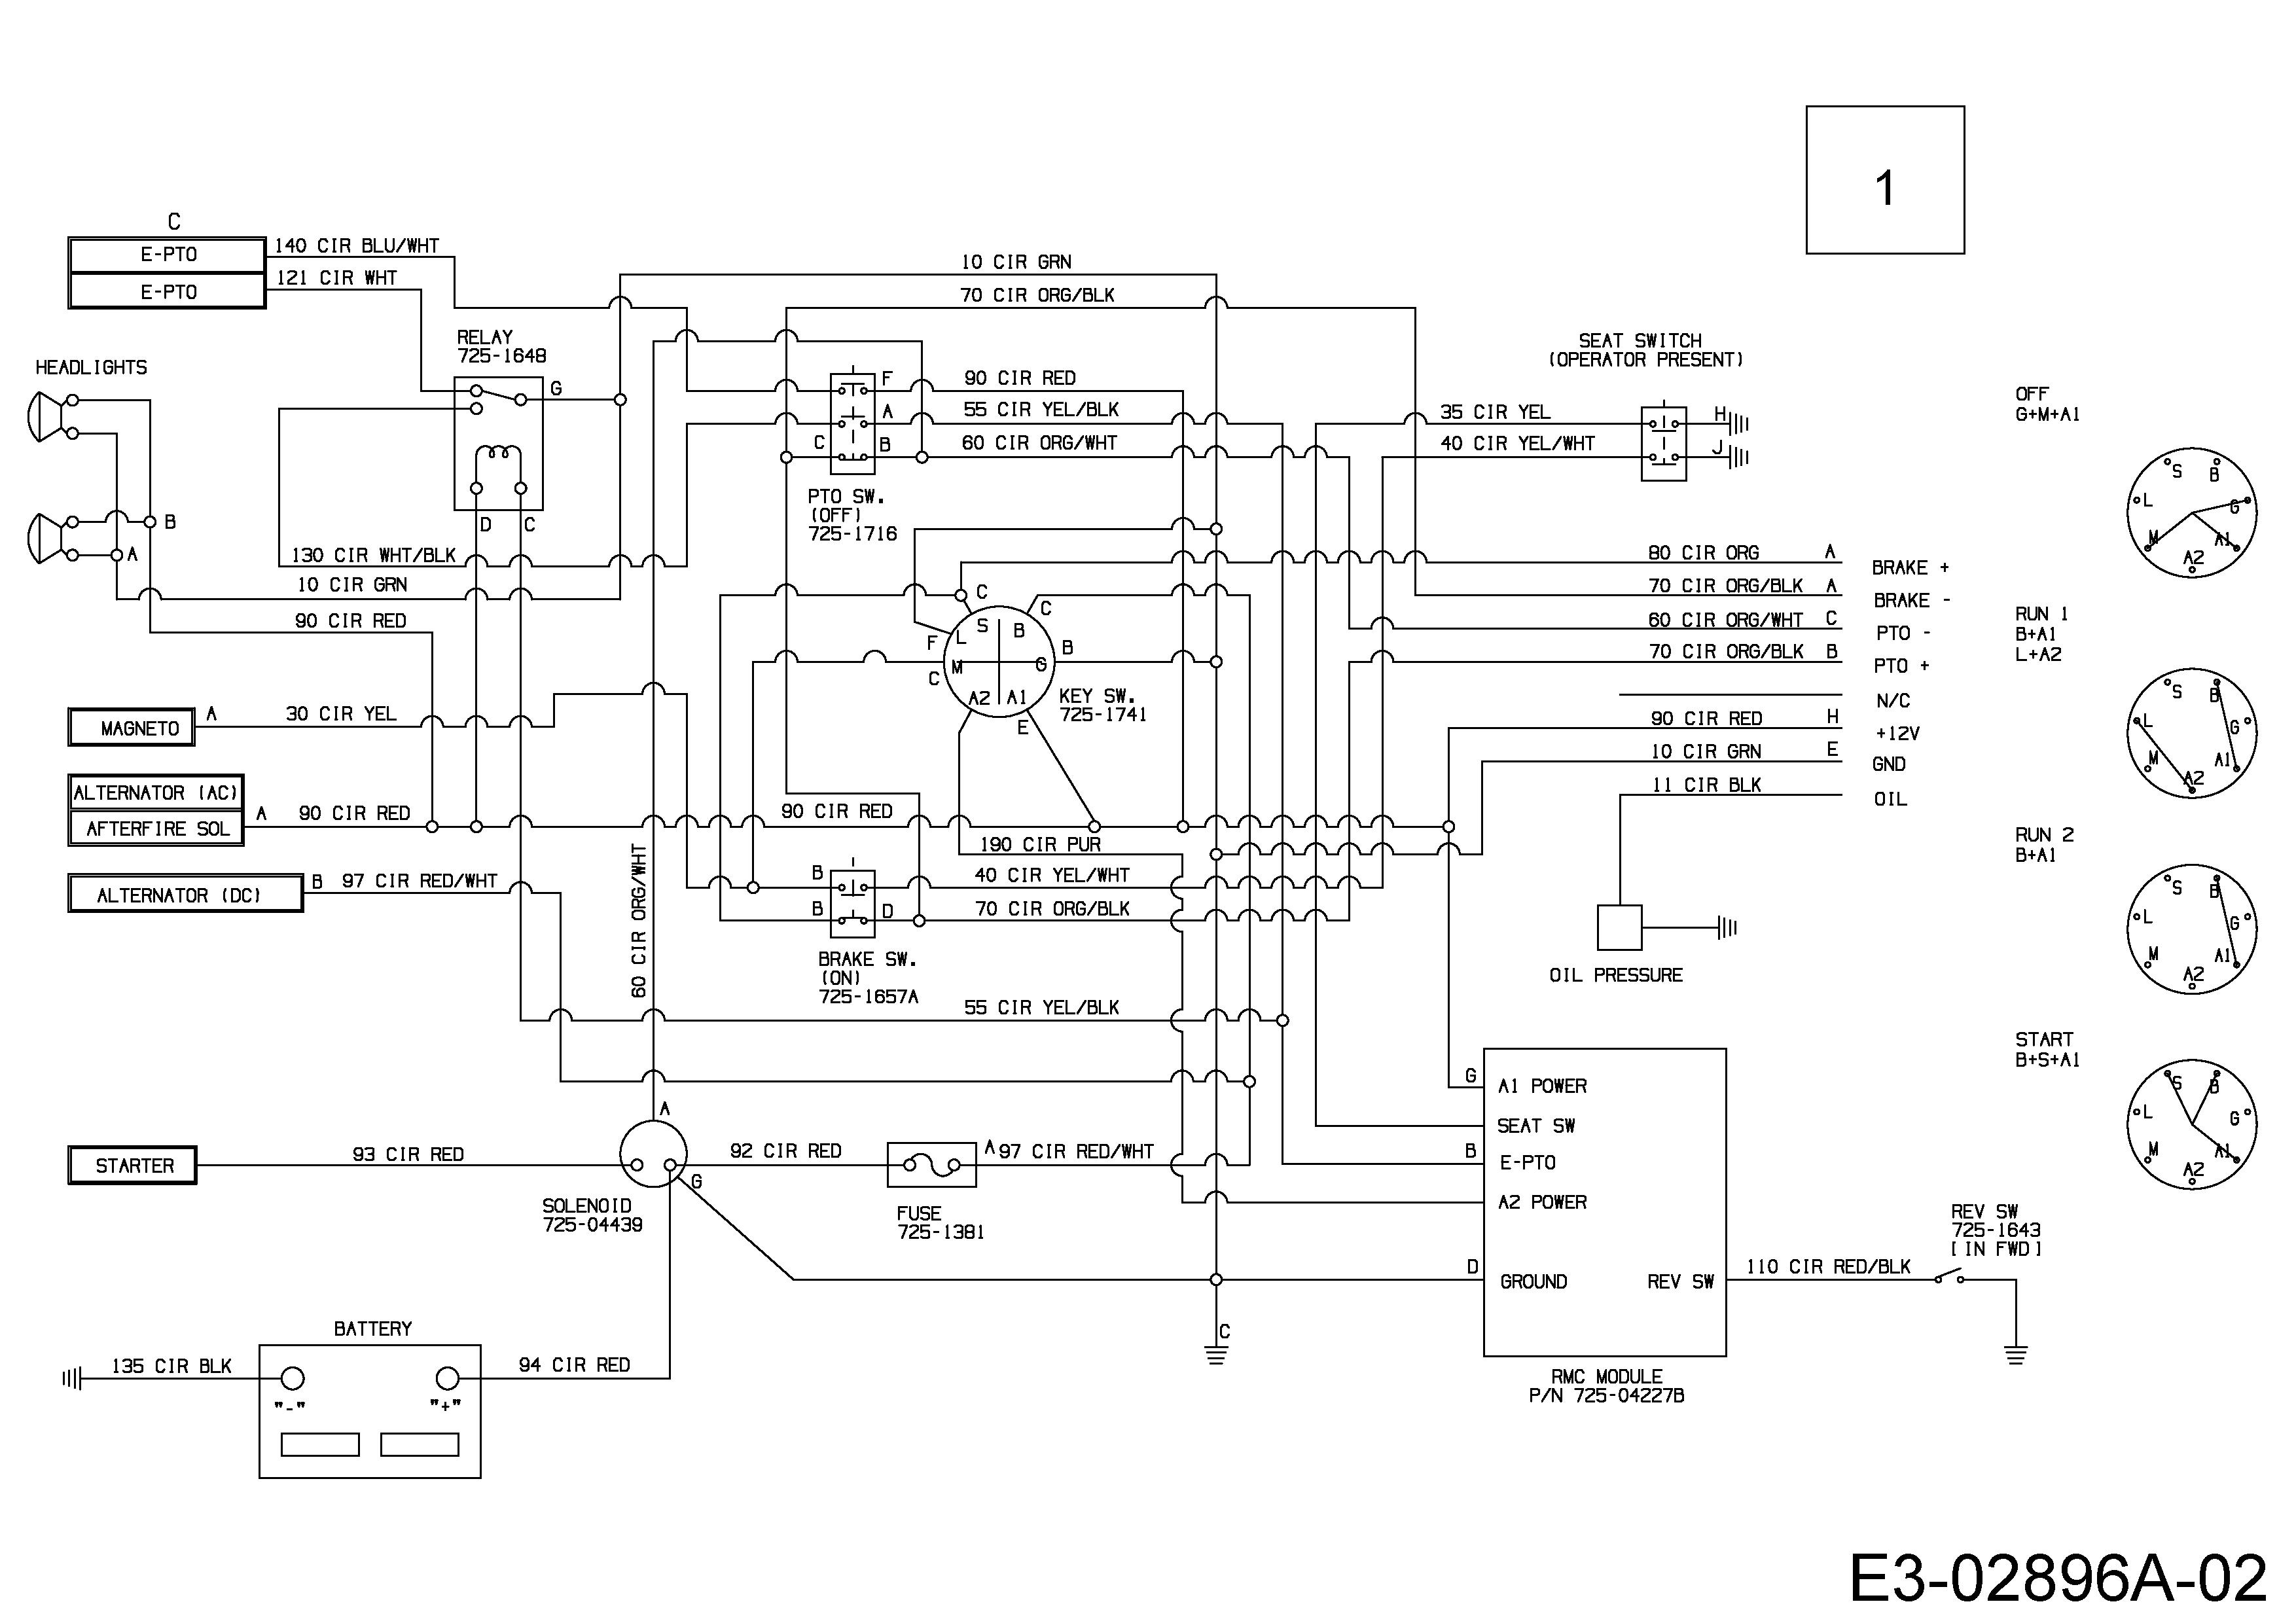 Mf 135 Wiring Diagram from schematron.org